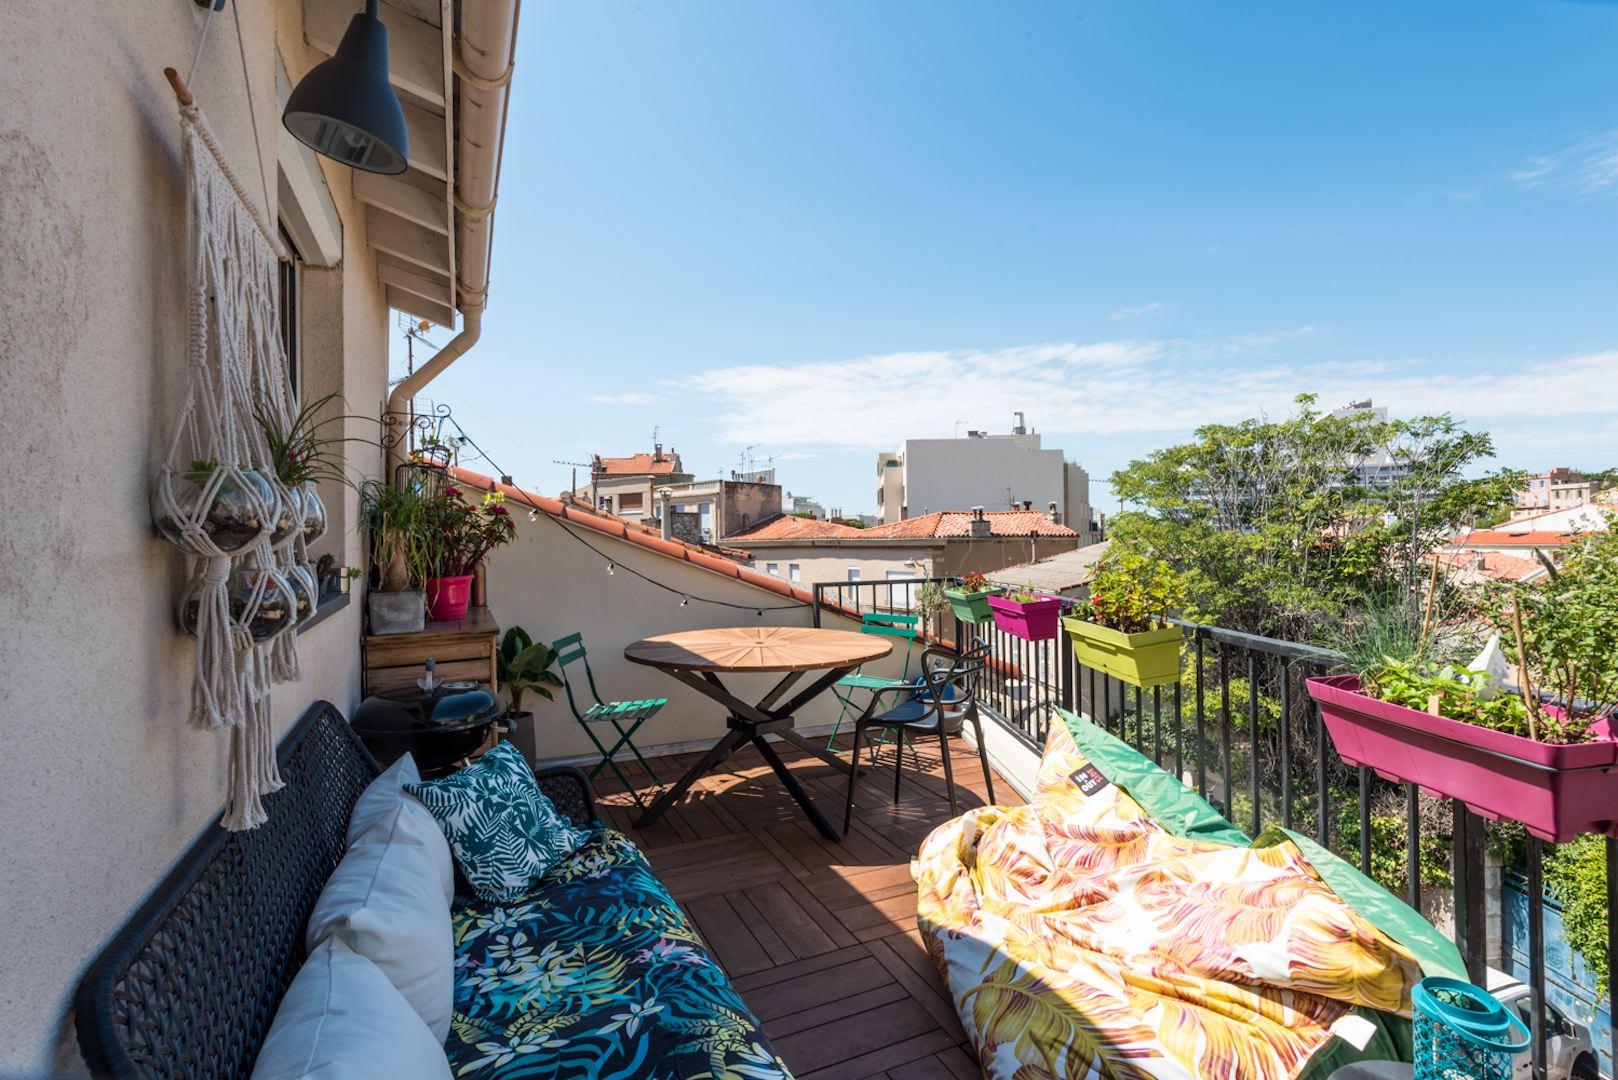 Maison#Terrasse#Place St Eugène#Vallon des Auffes